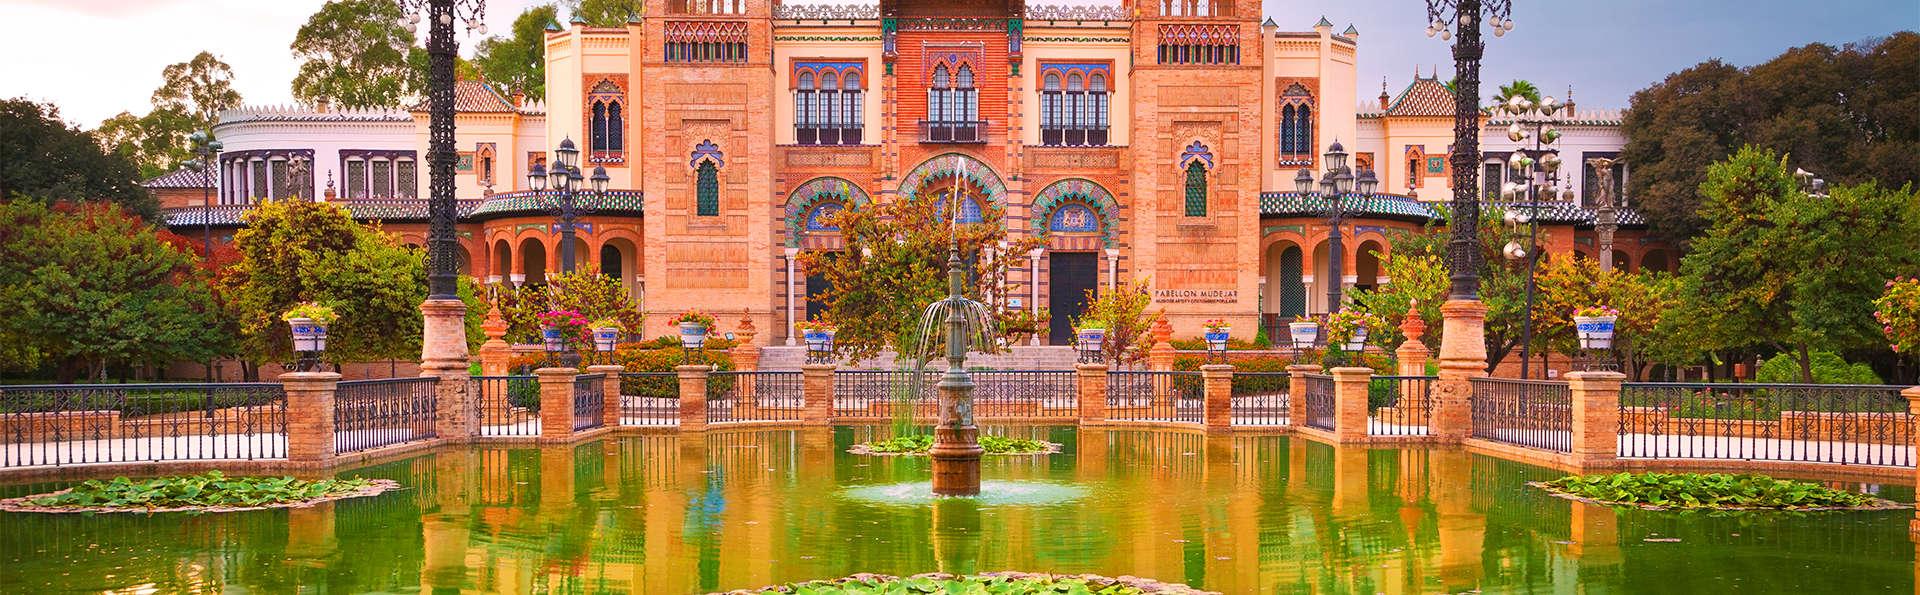 Hospes Las Casas del Rey de Baeza - EDIT_Destination_Sevilla1.jpg